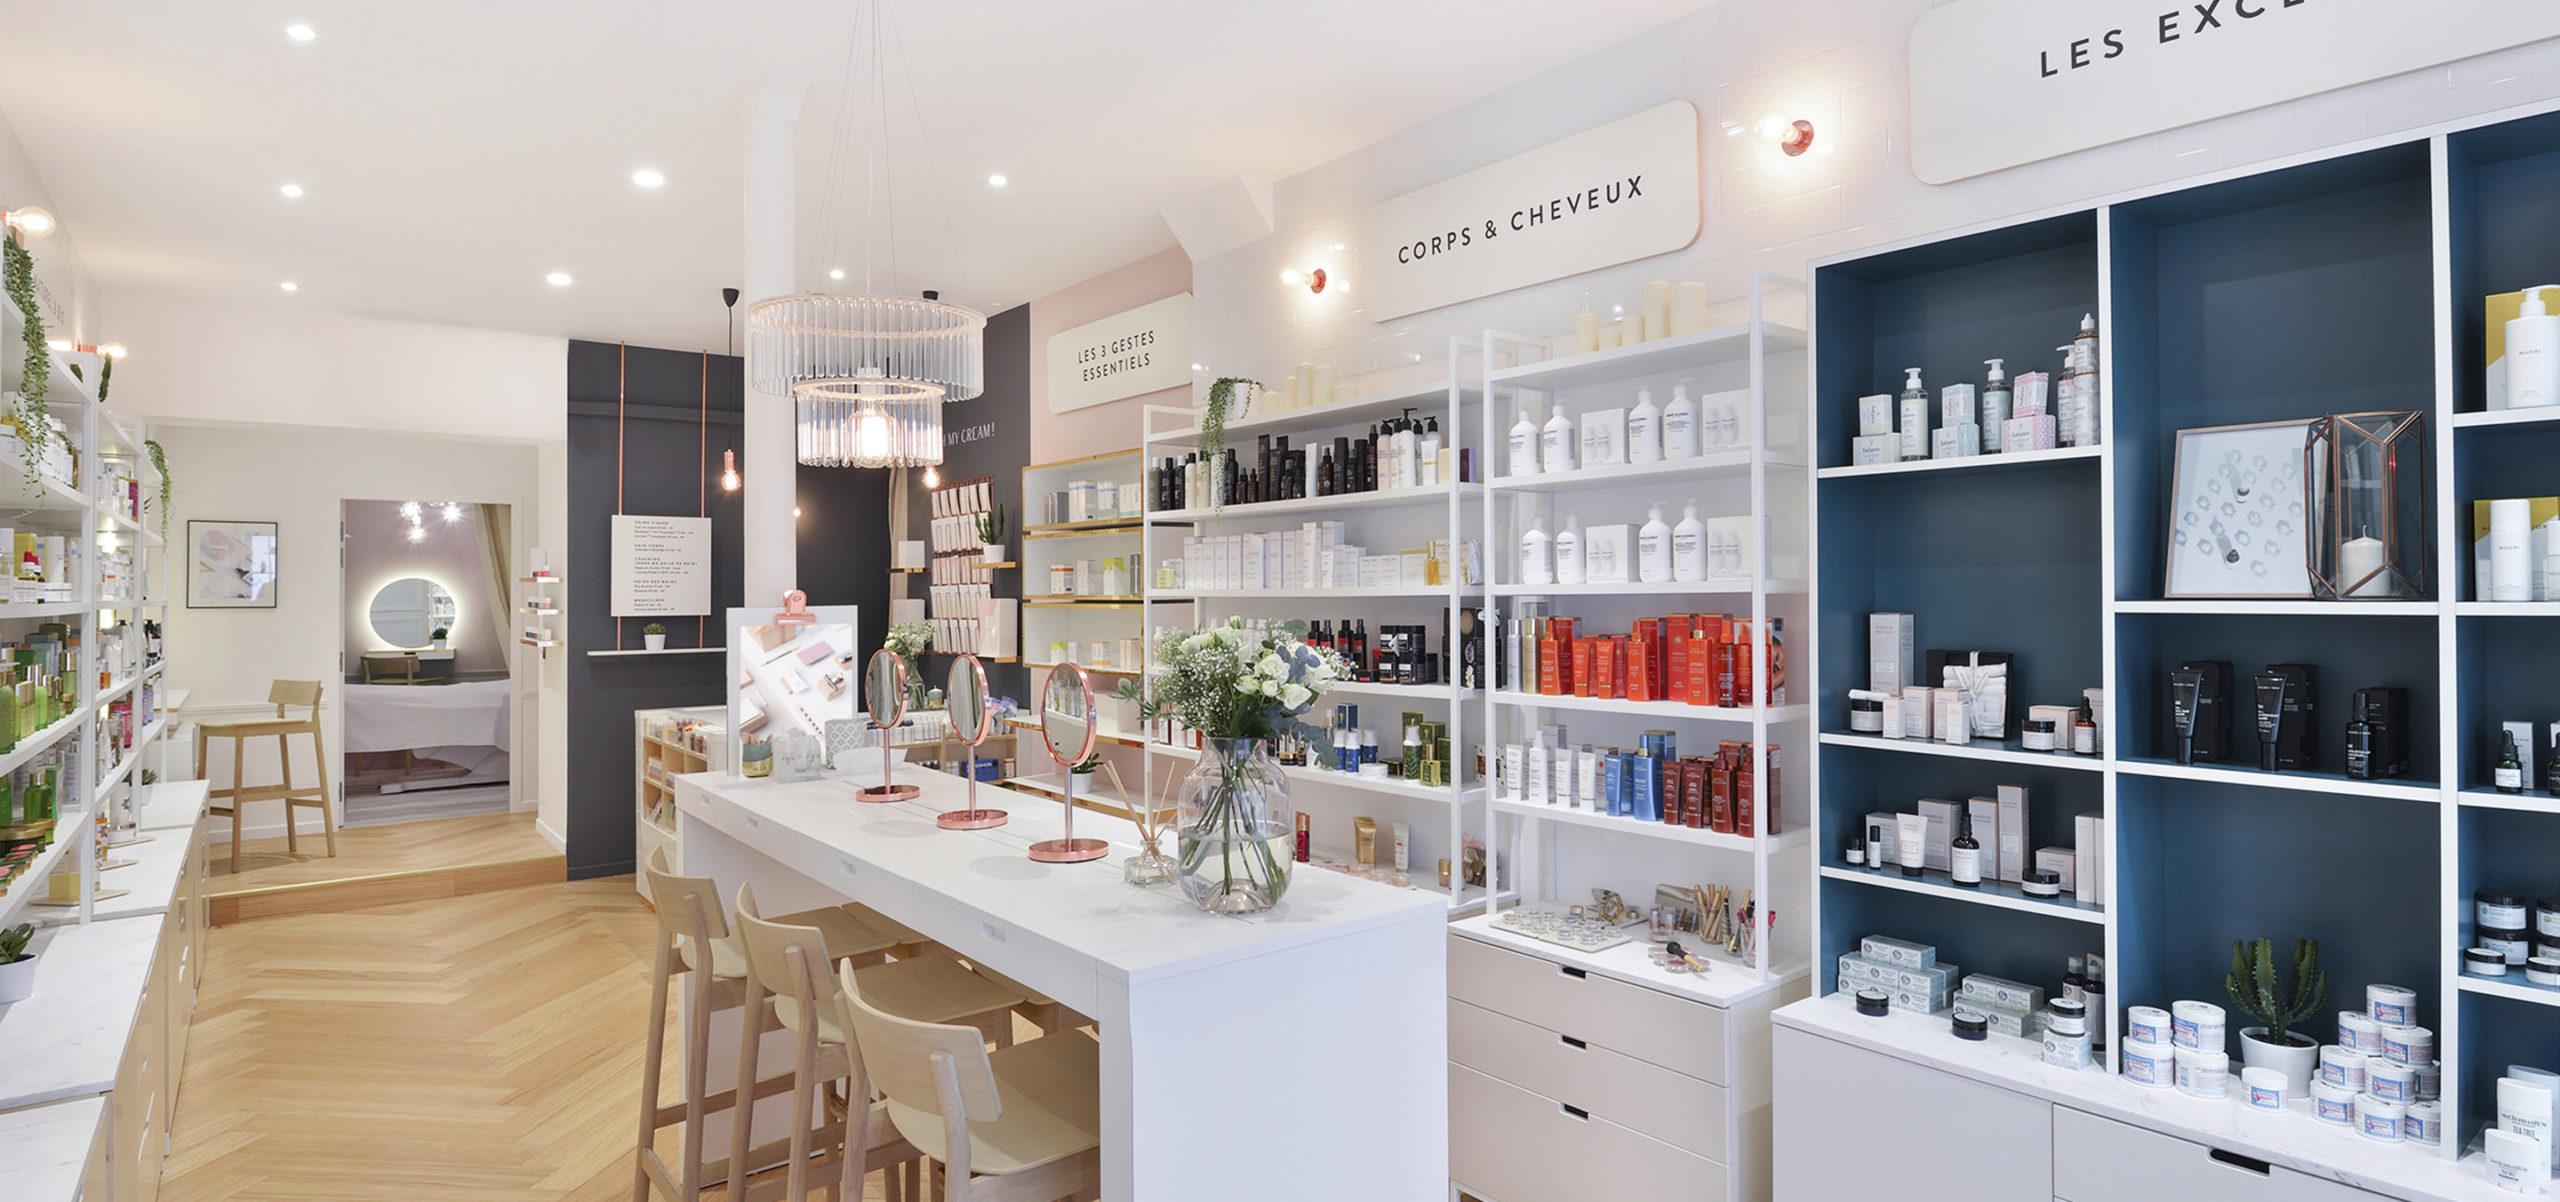 Label Experience : ambiance fraîche à l'intérieur de la boutique Oh My Cream rue Guichard à Paris